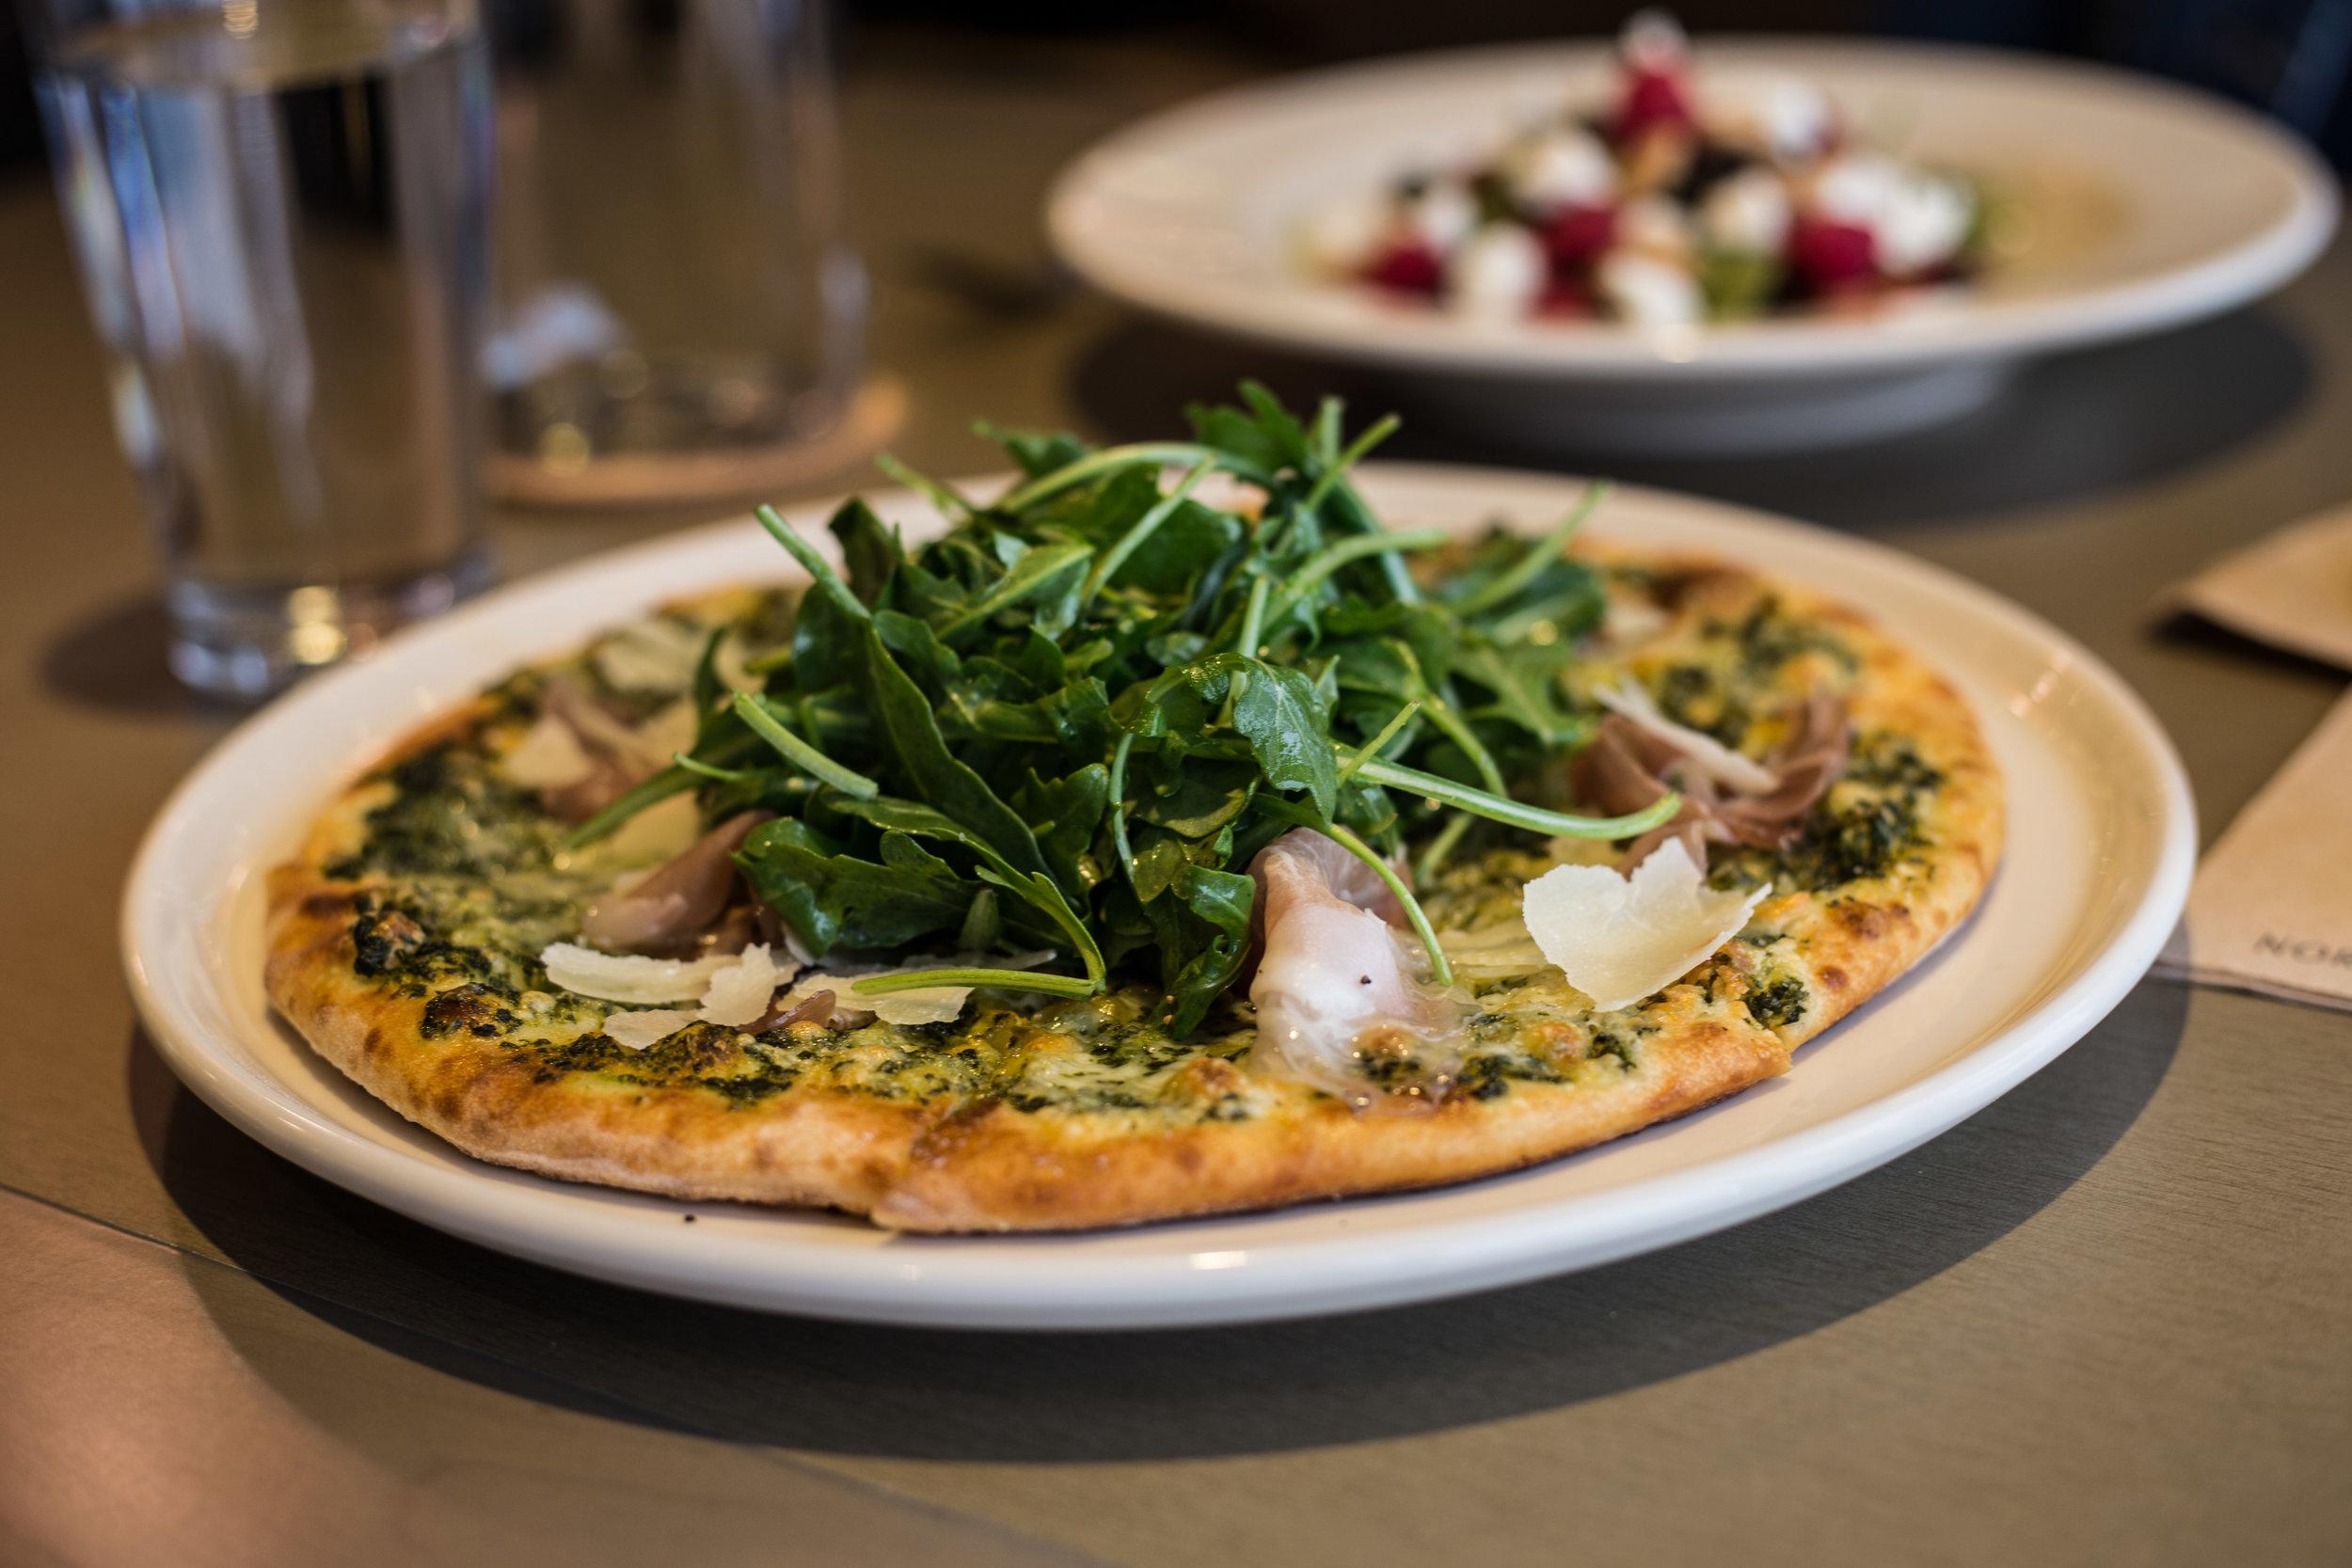 Prosciutto and Arugula Pizza at Bazille